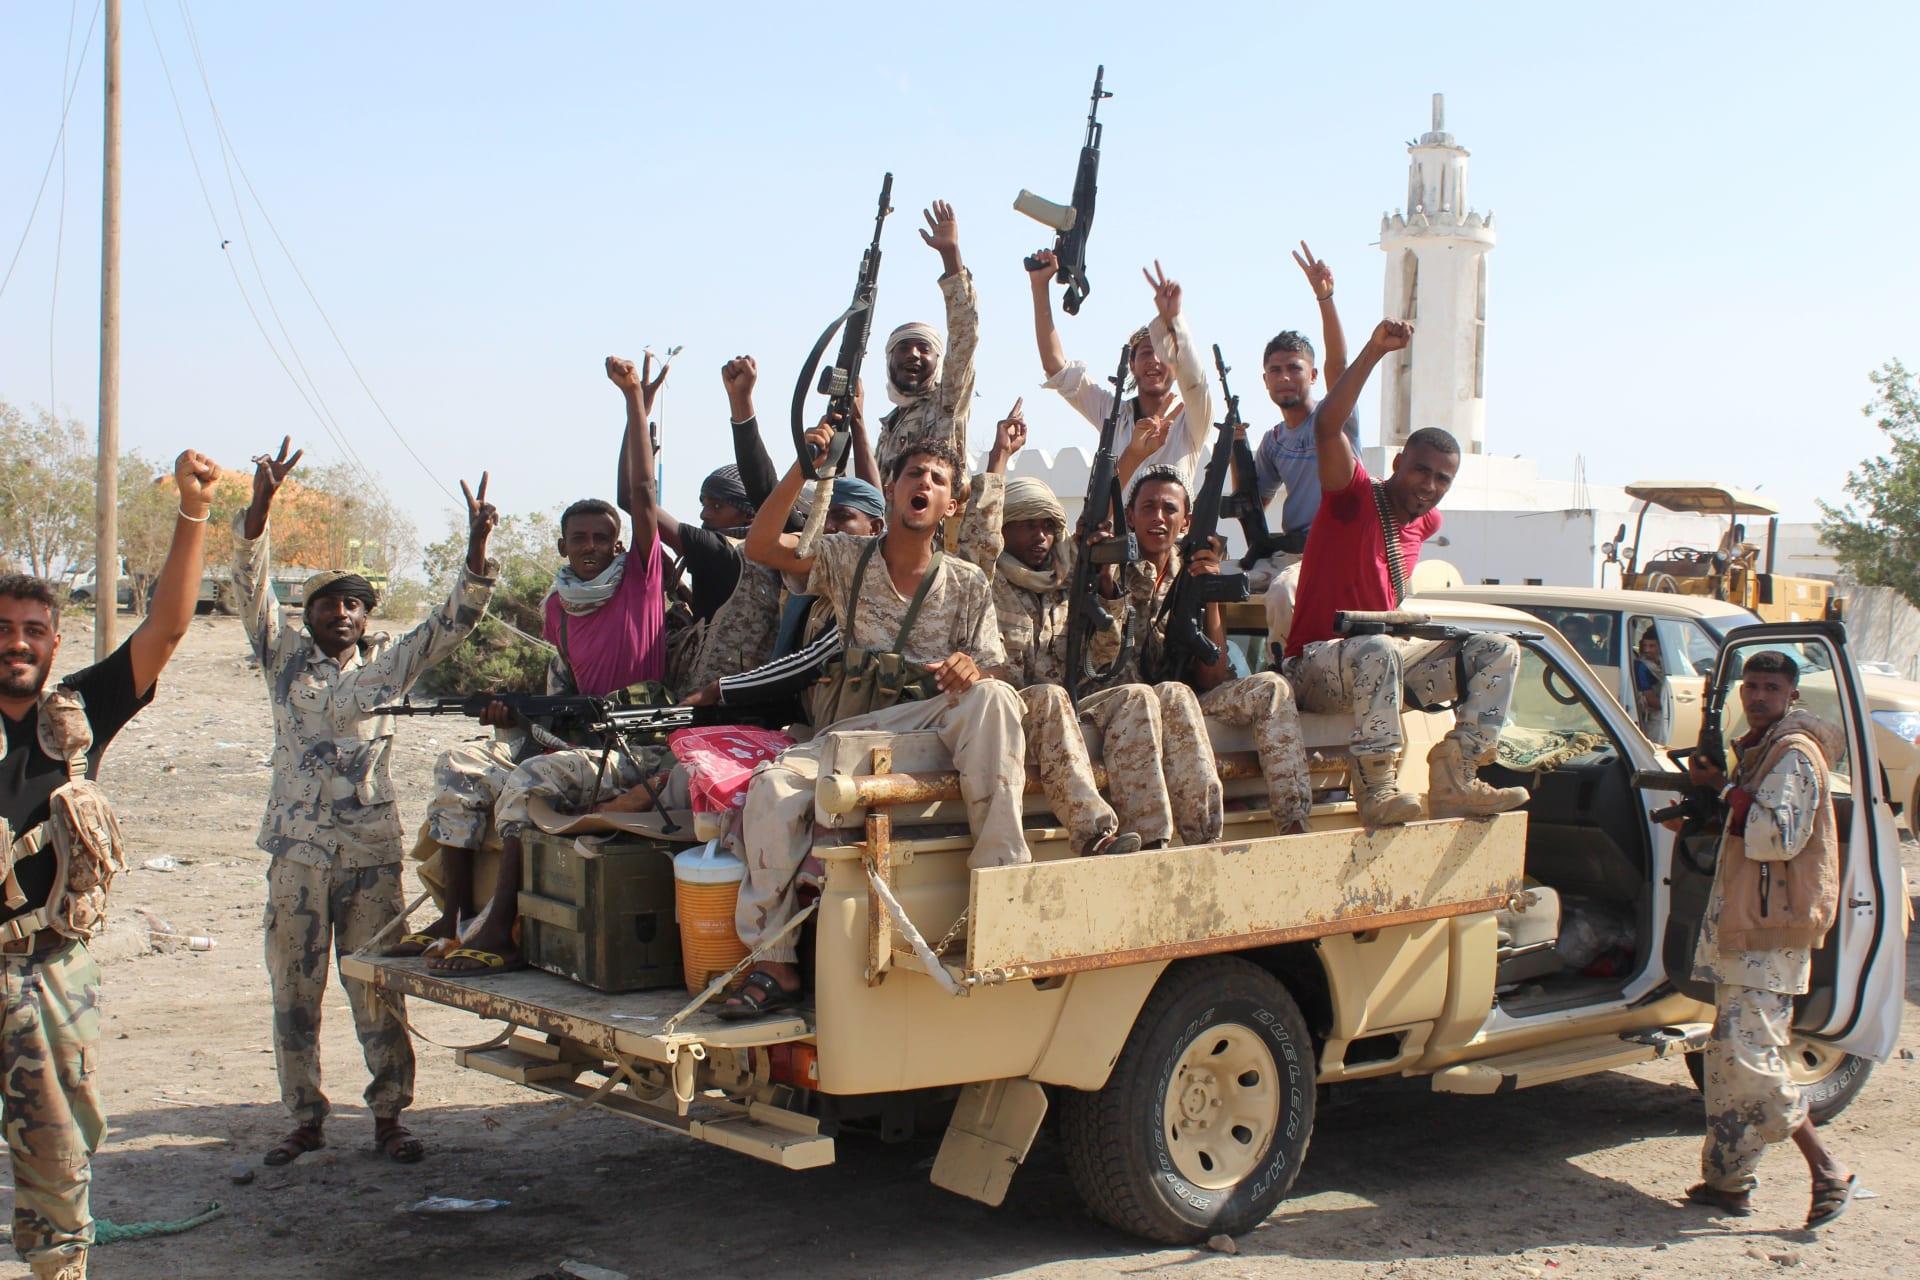 التحالف العربي يعلن وقف إطلاق نار في اليمن لمدة 48 ساعة